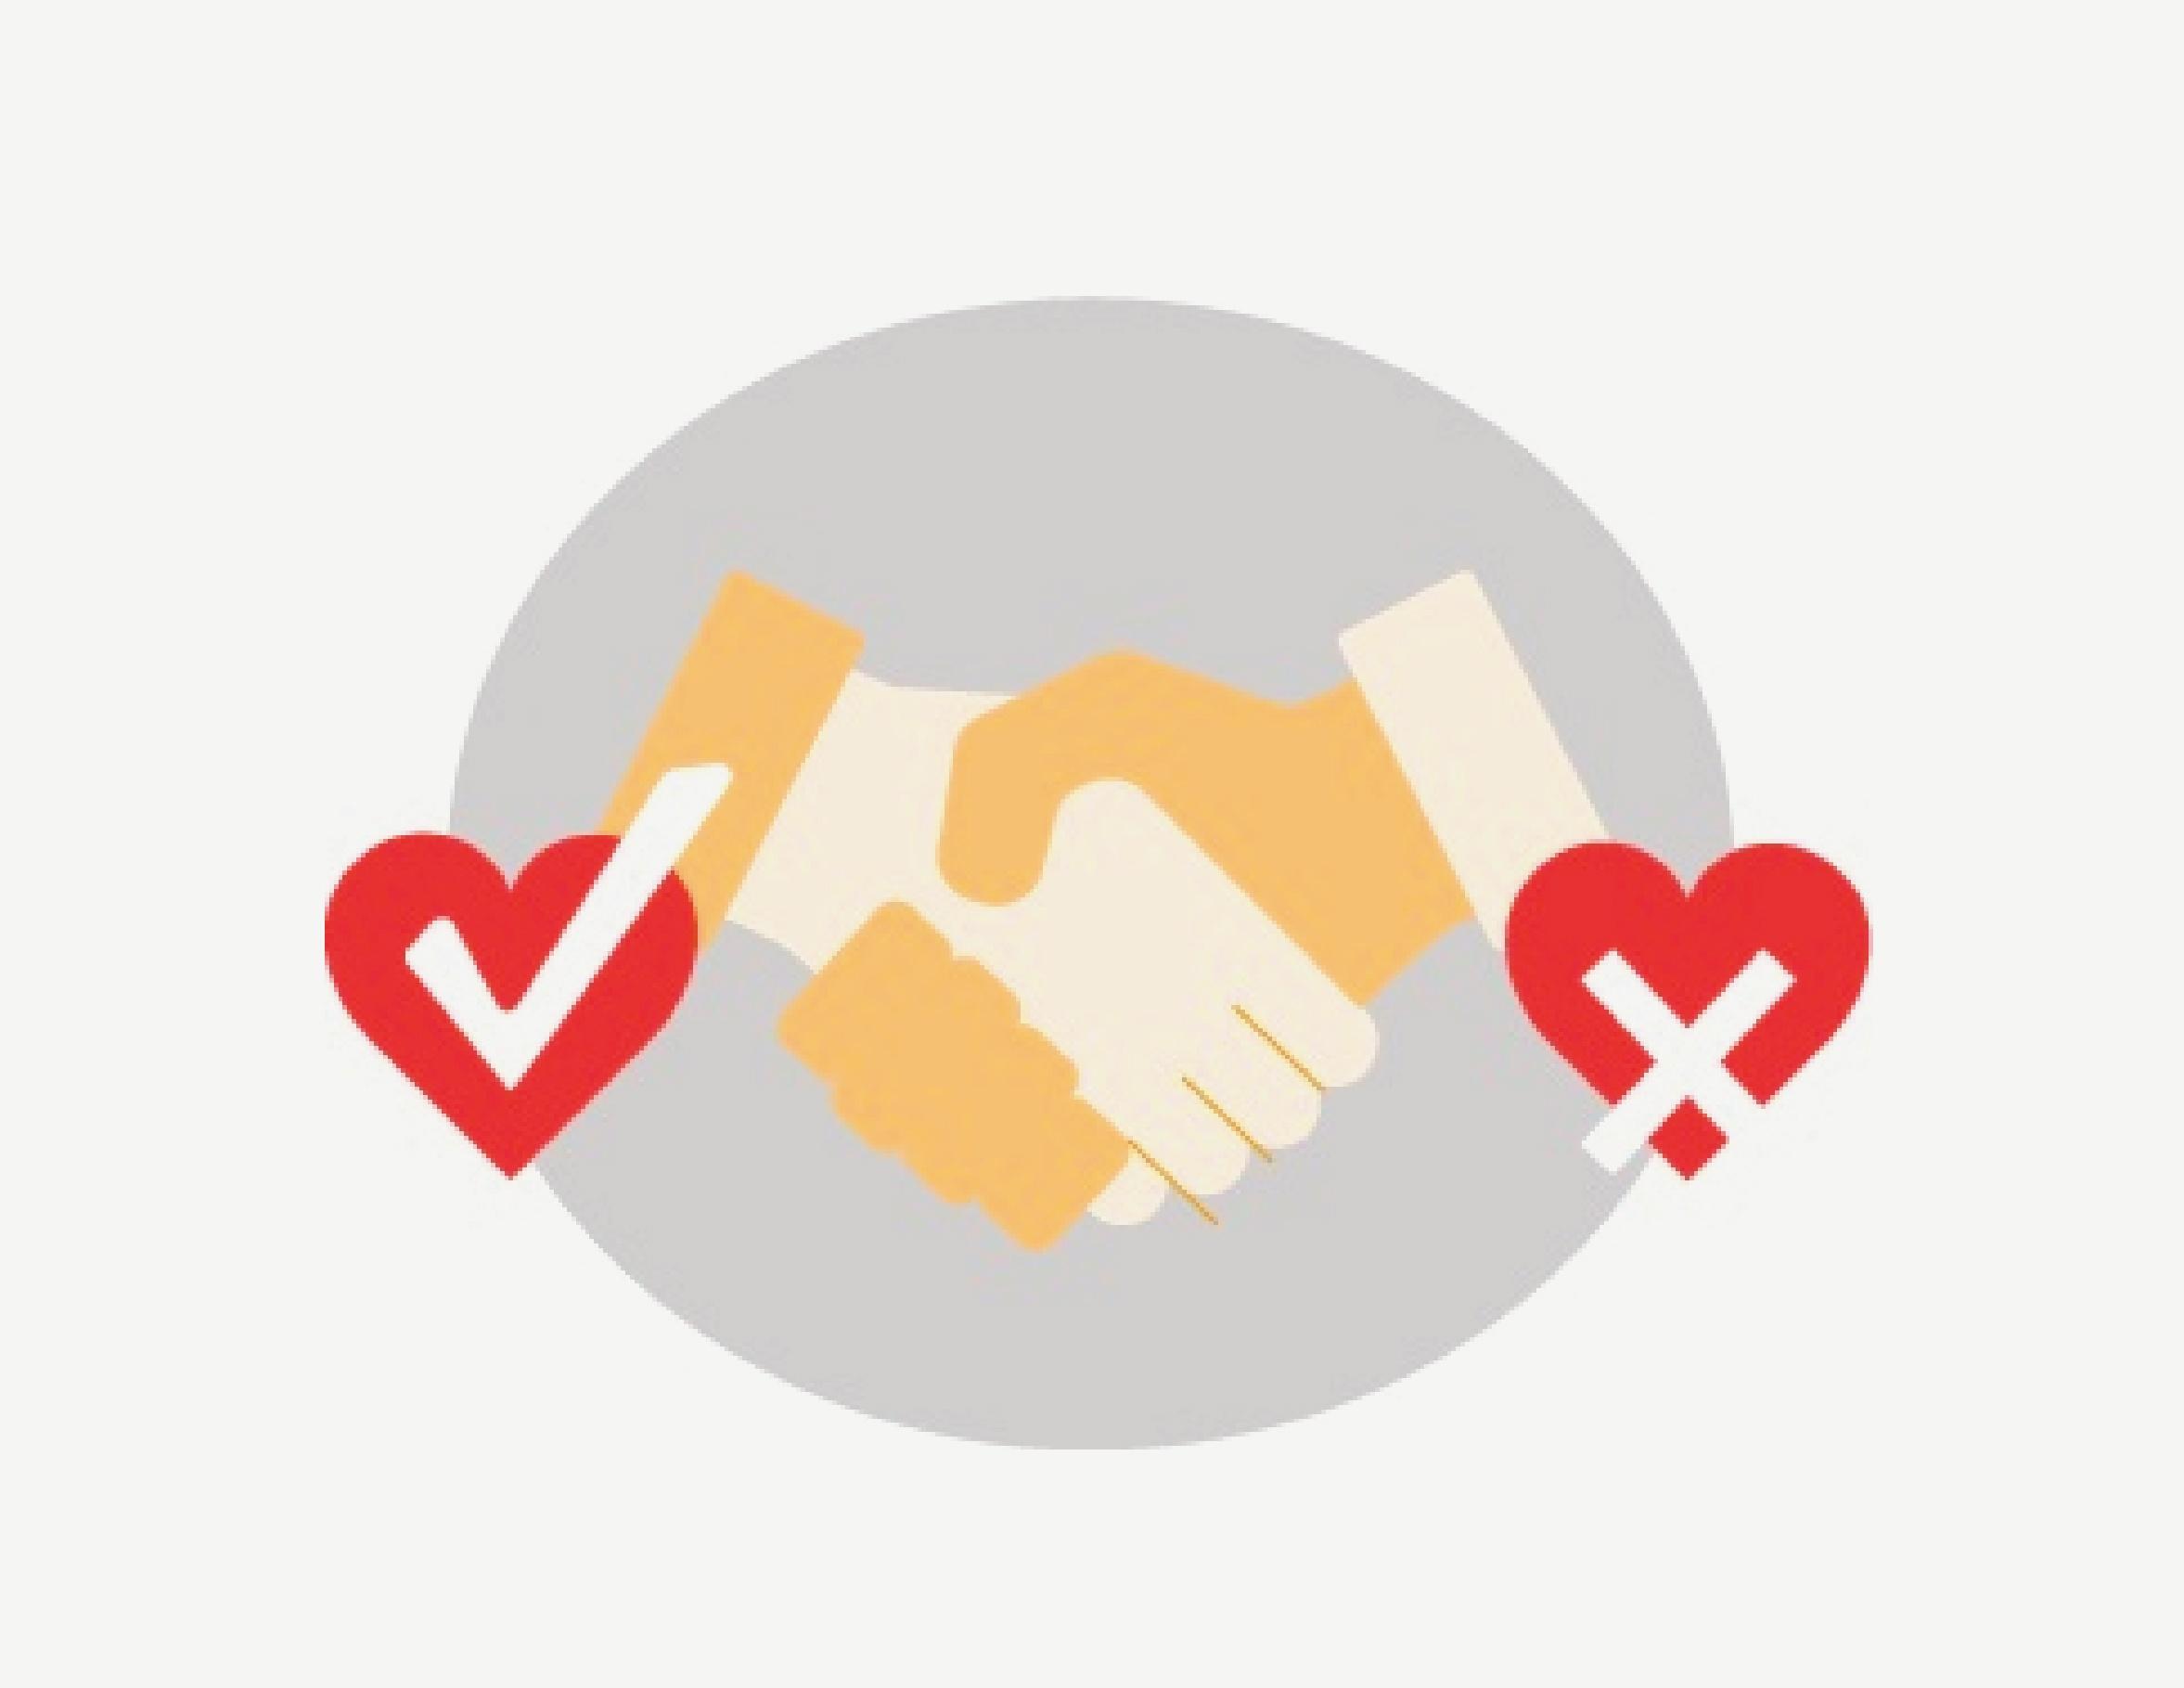 vendor contract management reltionship management